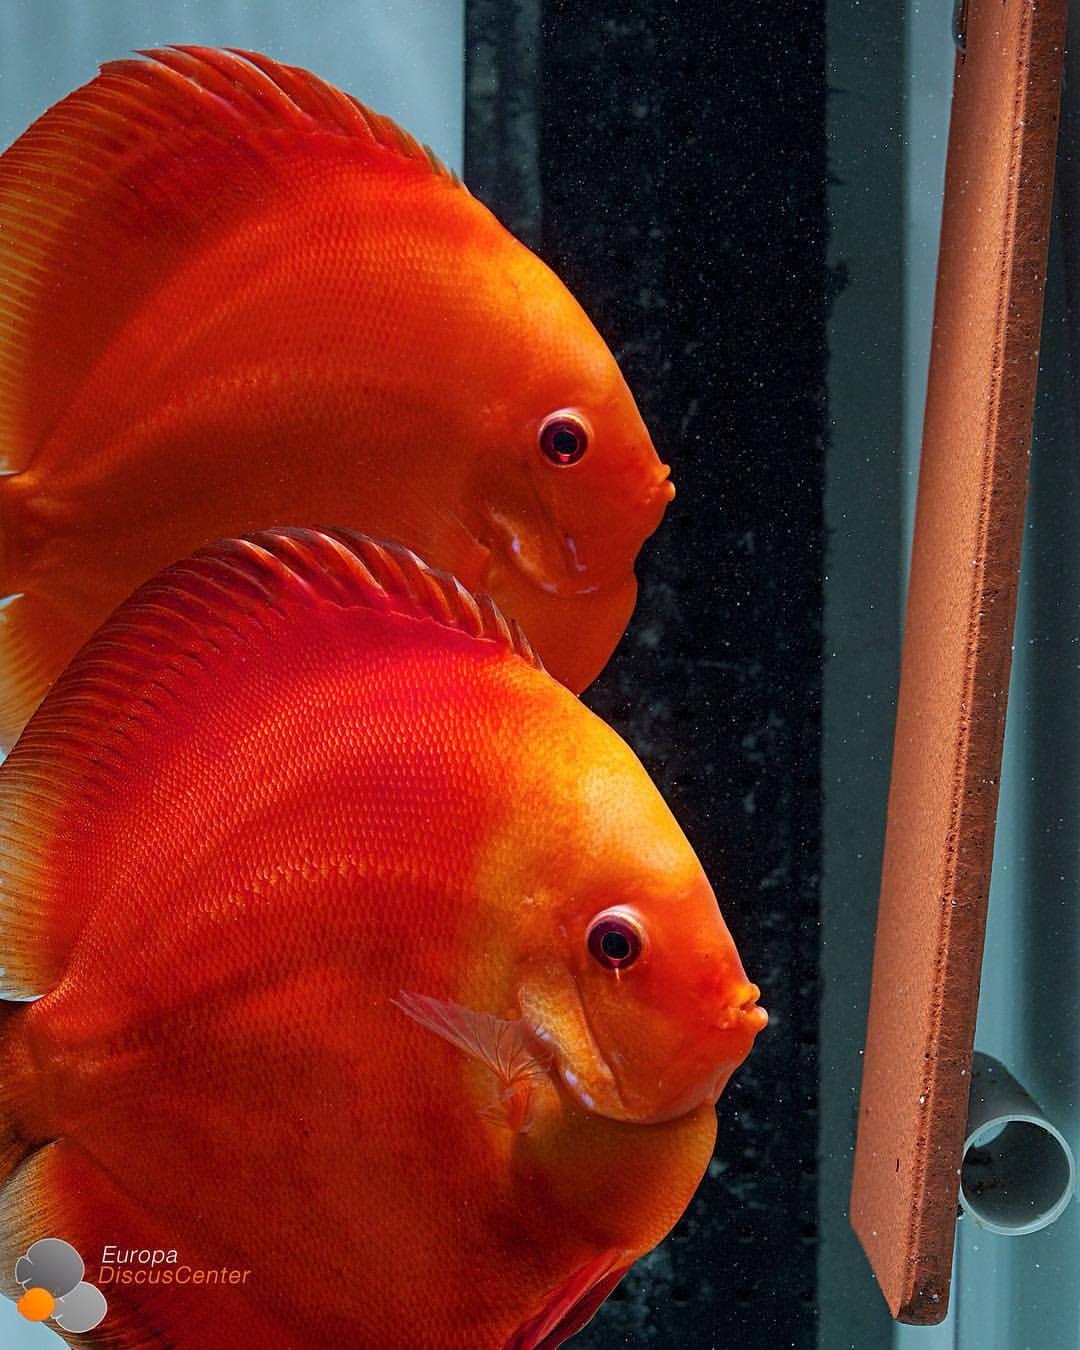 Super Red Melon Discus Breeding Pair Discus Fish Saltwater Aquarium Fish Aquarium Fish